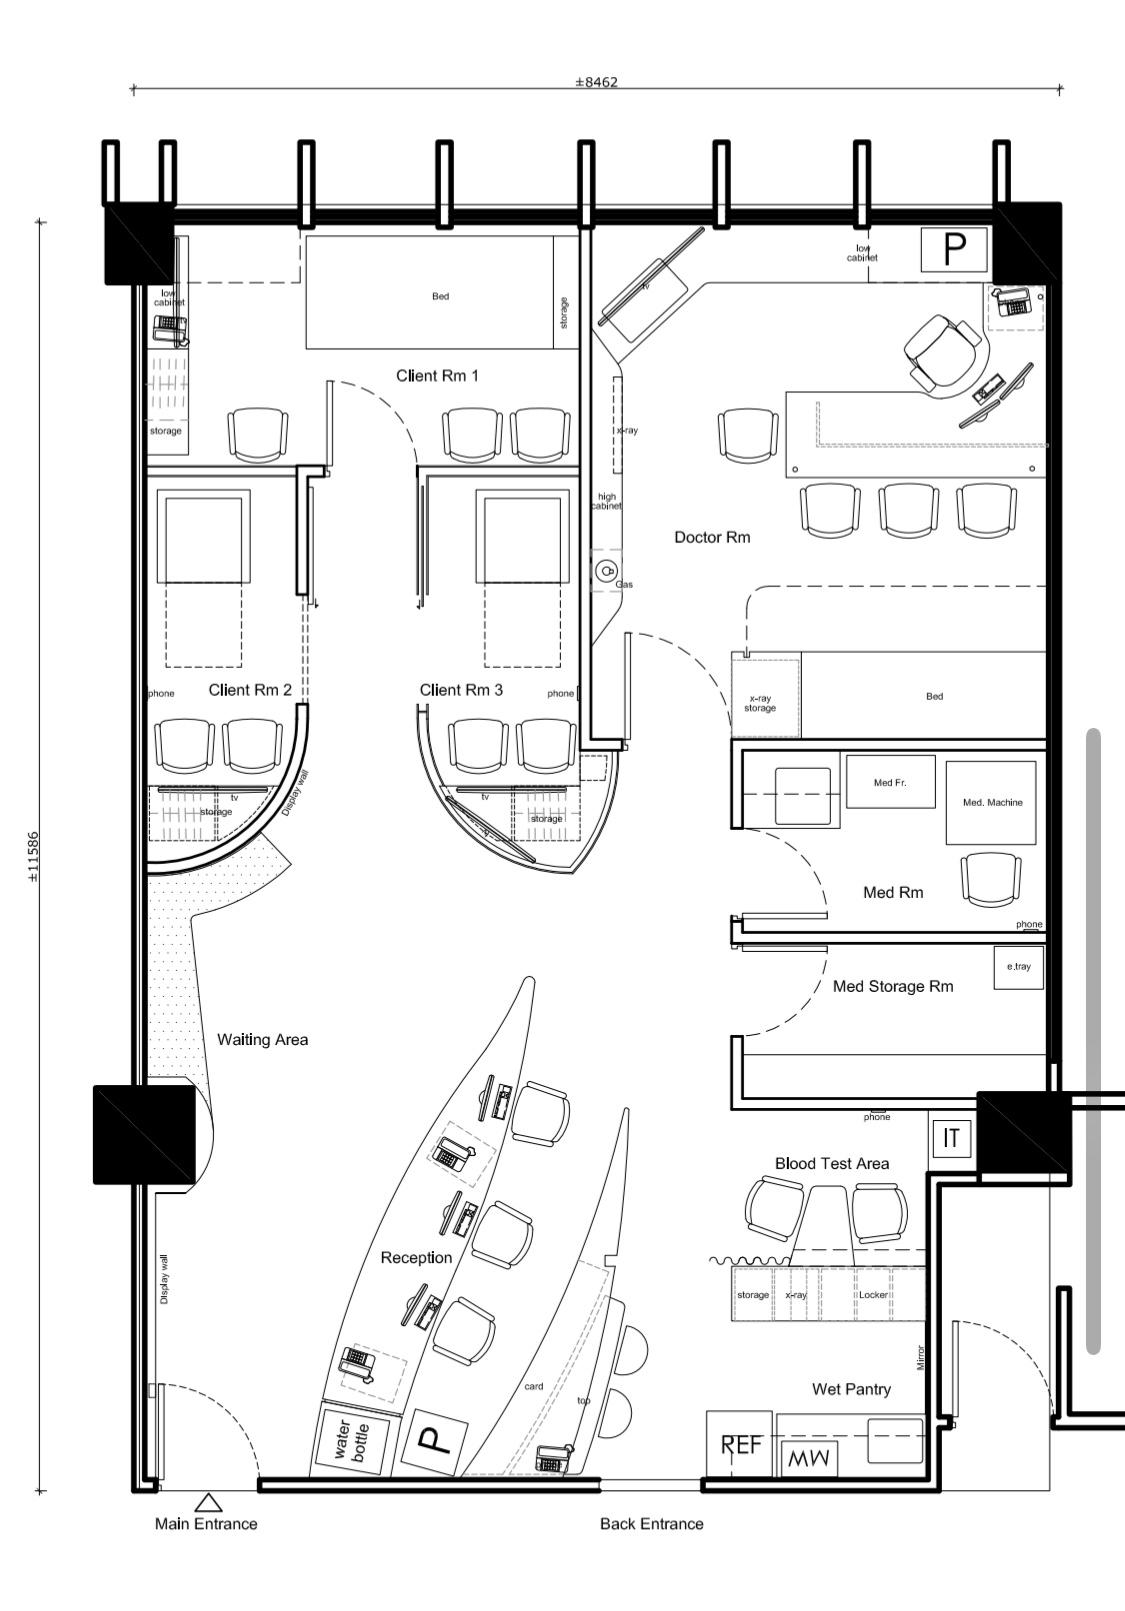 Cancer clinic floor plan